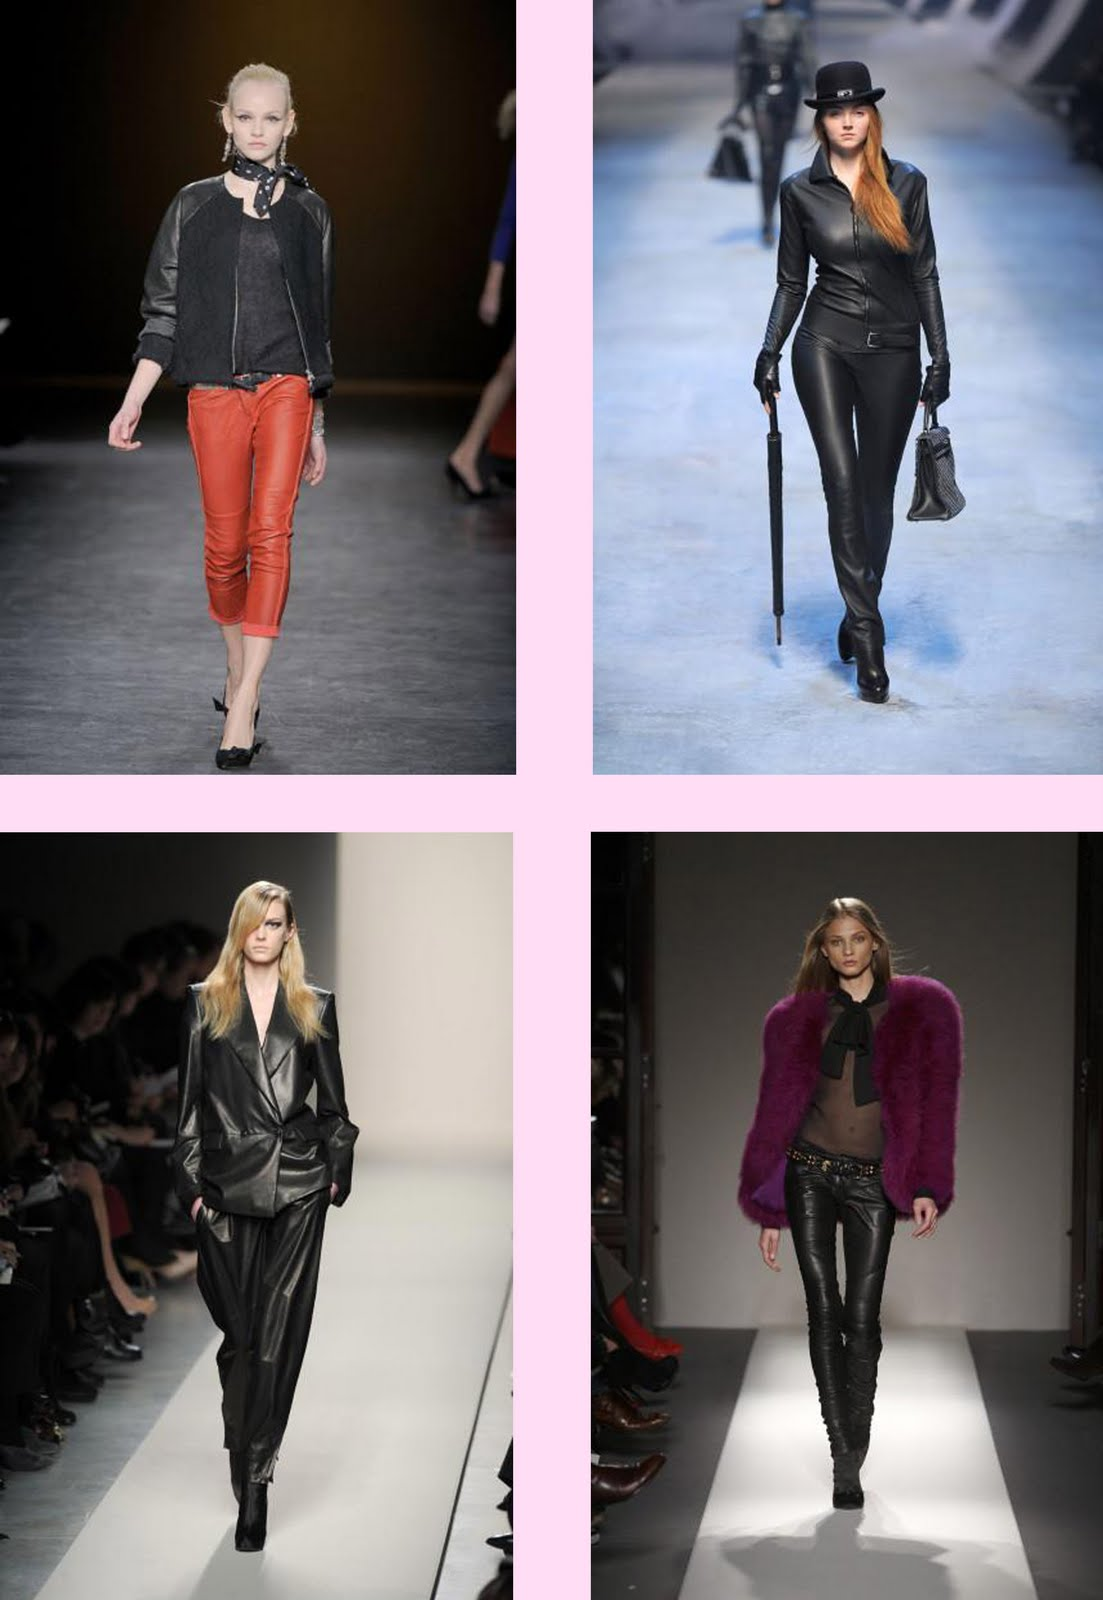 http://2.bp.blogspot.com/-SmZW2Oh8u48/TY8OnyvZDUI/AAAAAAAACtk/ZSY6QwAFwGs/s1600/leather%2Btrousers.jpg